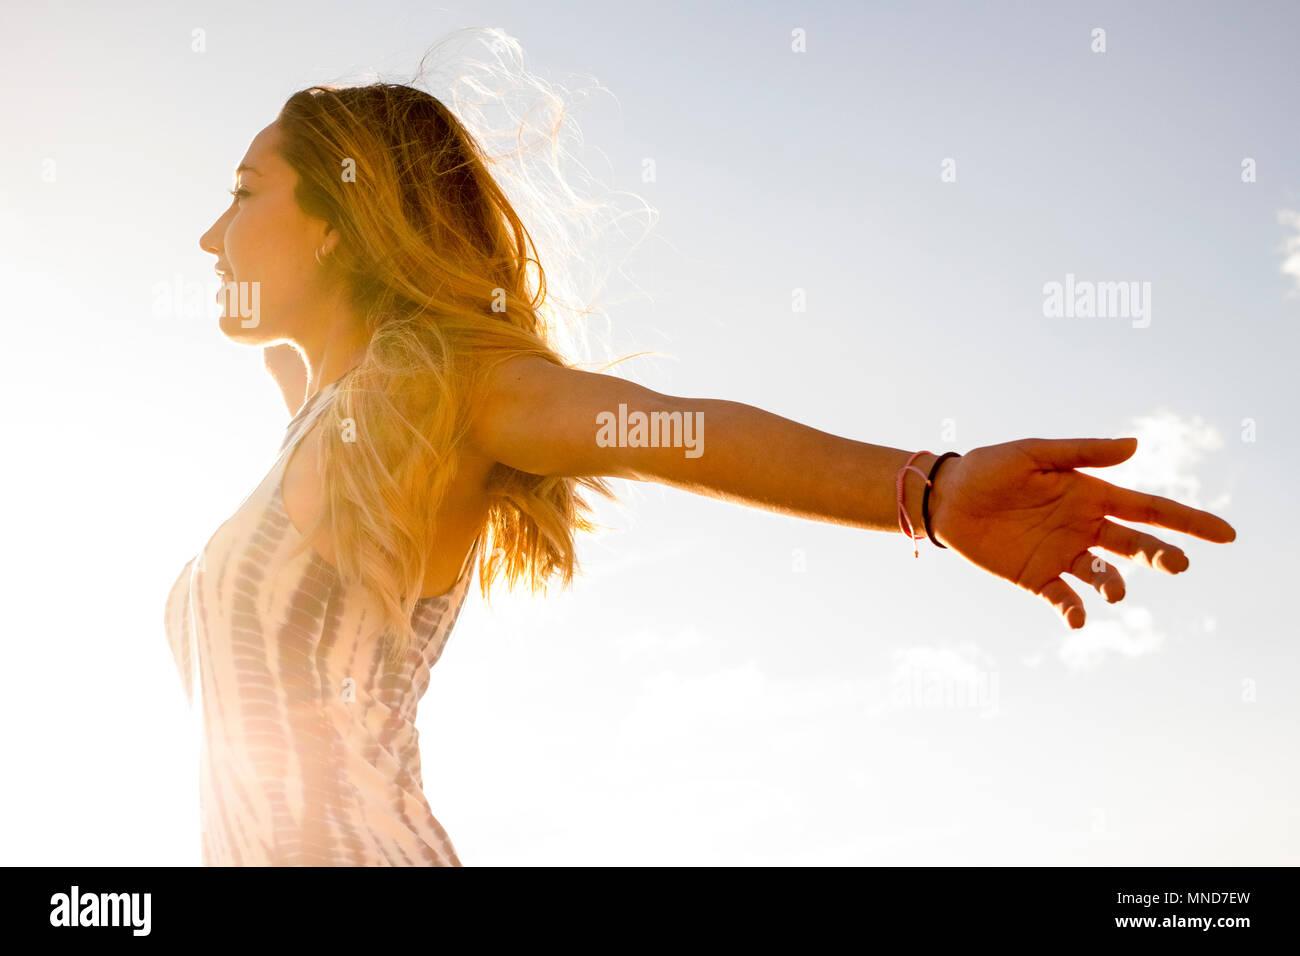 Junge schöne Frau genießen ihre Freiheit zu öffnen. Unabhängiges Leben und sich wohl fühlen mit der Welt. Alle mit Genugtuung fest Umarmen. Teneriffa Seele. Stockbild